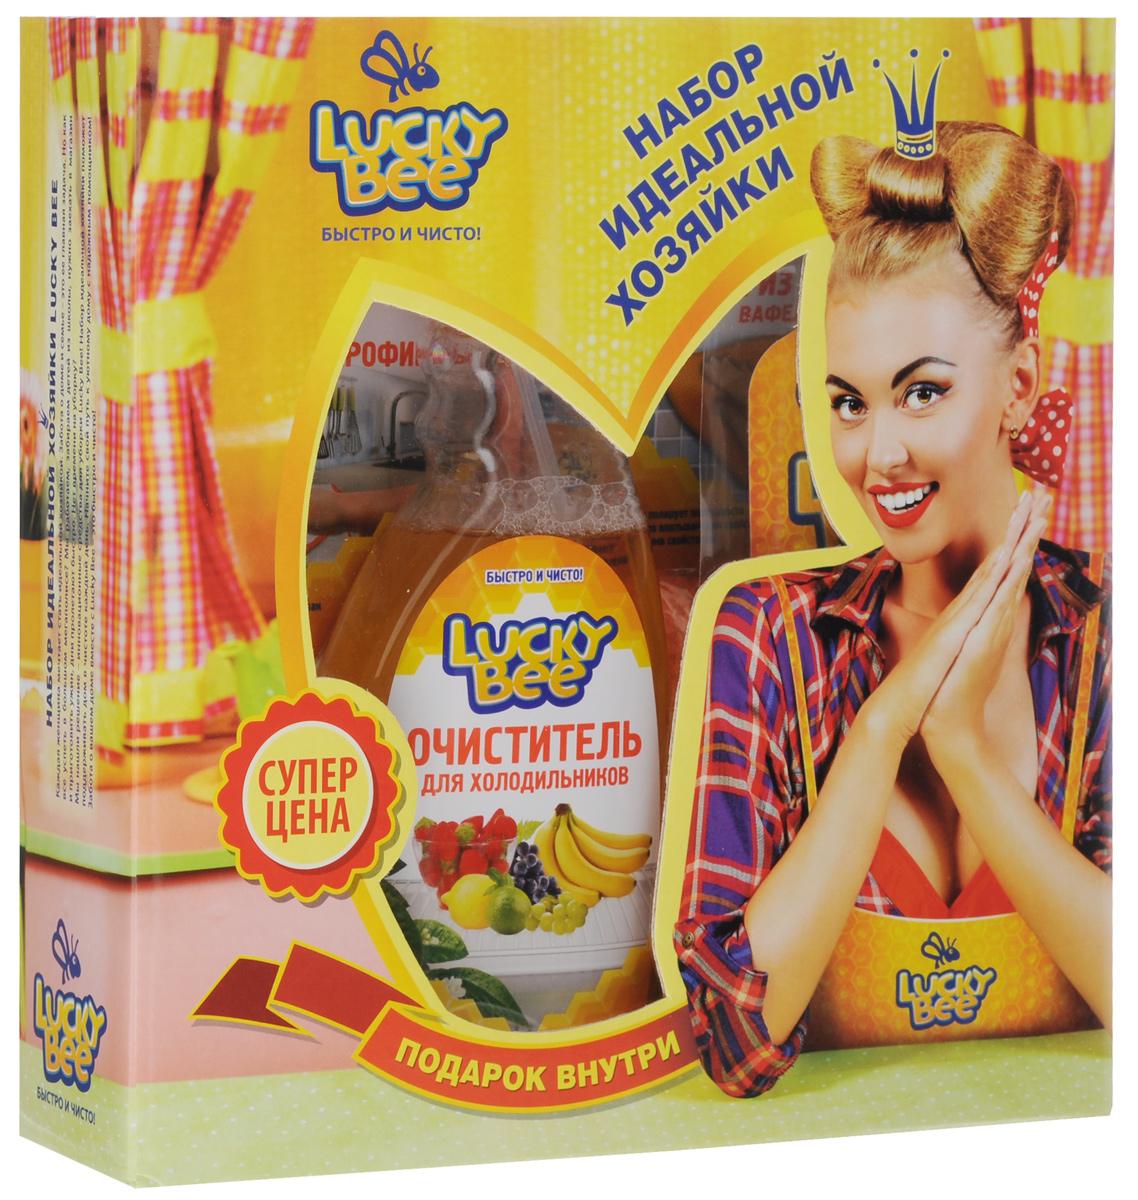 Набор для холодильника Lucky Bee, 3 предмета + ПОДАРОК: Блокнот-магнит на холодильникLB 7502+LB7209+LB7205Набор для холодильника Lucky Bee состоит из очистителя для холодильников, салфетки из микрофибры, блокнота-магнита для записей и вафельной салфетки из микрофибры. Очиститель для холодильников эффективно удаляет загрязнения с внутренних поверхности холодильников и морозильных камер. Уничтожает бактерии, вызывающие неприятные запахи и плесень.Придает обработанным поверхностям блеск и свежий аромат. Не требует смывания водой. Выпускается в форме спрея.Объем: 473 мл.Состав: деминерализованная вода, менее 5%: смесь неионогенных и анионных ПАВ, усилитель блеска, этилцеллозольв, нейтрализатор запахов, консервант, отдушка, краситель. Уникальная салфетка изготовлена из синтетических микроволокон. Изделие устойчиво к истиранию и отличается своей сверхмягкостью. Микрофибра многократно превосходит большинство тканей по влагопоглощающим свойствам благодаря особенности захватывать и удерживать жидкость. Салфетка деликатно удаляет загрязнения с любых поверхностей с использованием чистящих средств или без них. Обладает антистатическими свойствами. Не оставляет разводов и ворсинок. Можно стирать при t 40 °C.Размер салфетки: 40 х 40 см.Плотность: 300 г/м2.Материал: микрофибра. Вафельная салфетка изготовлена из фактурной микрофибры. Прочные нити основания бережно отслаивают частицы загрязнений. Высокопрочные полимерные волокна ткани устойчивы к истиранию и деформации. Салфетка быстро удаляет сложные загрязнения с кухонных плит, холодильников и другой бытовой техники, кафеля, сантехники, водонапорных кранов. Не оставляет разводов и ворсинок. Можно стирать при температуре 40°C.Размер салфетки: 55 х 60 см.Плотность: 300 г/м2.Материал: микрофибра. Блокнот-магнит Быстро и чисто с отрывным блокнотом для записей. Листы оформлены в виде бланков с полями для заполнения.Как выбрать качественную бытовую химию, безопасную для природы и людей. Статья OZON Гид